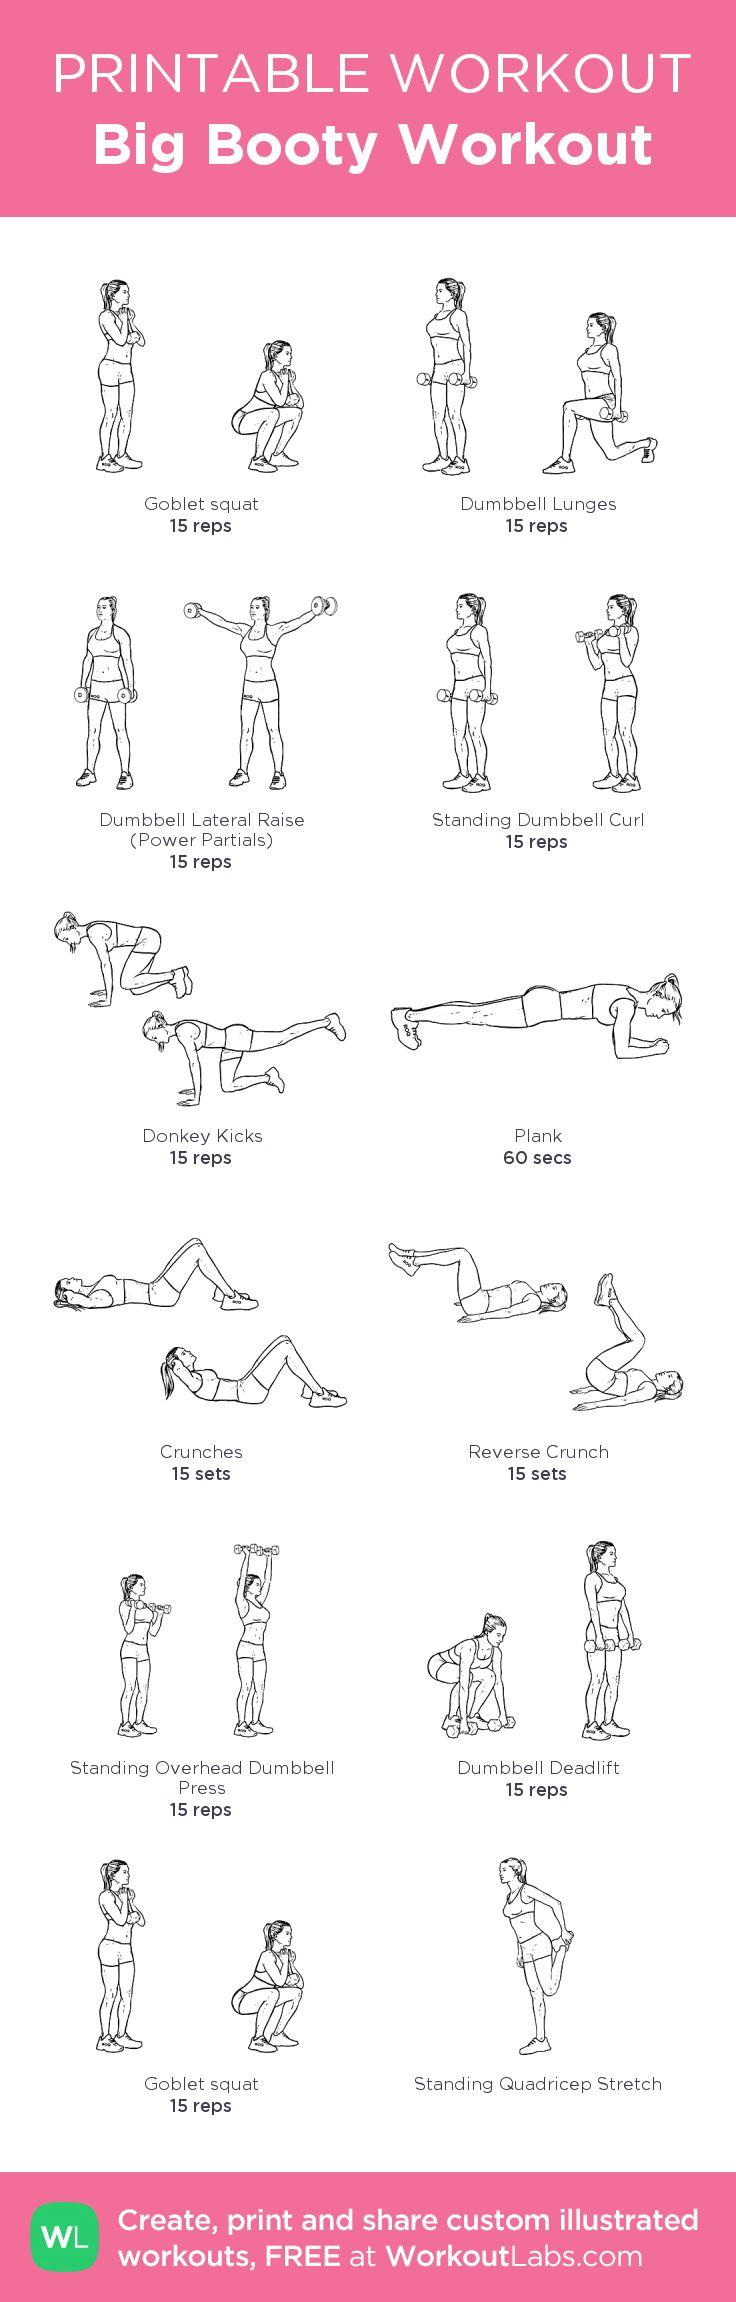 Best 25 Big Legs Ideas On Pinterest  Big Ass Workouts -8067